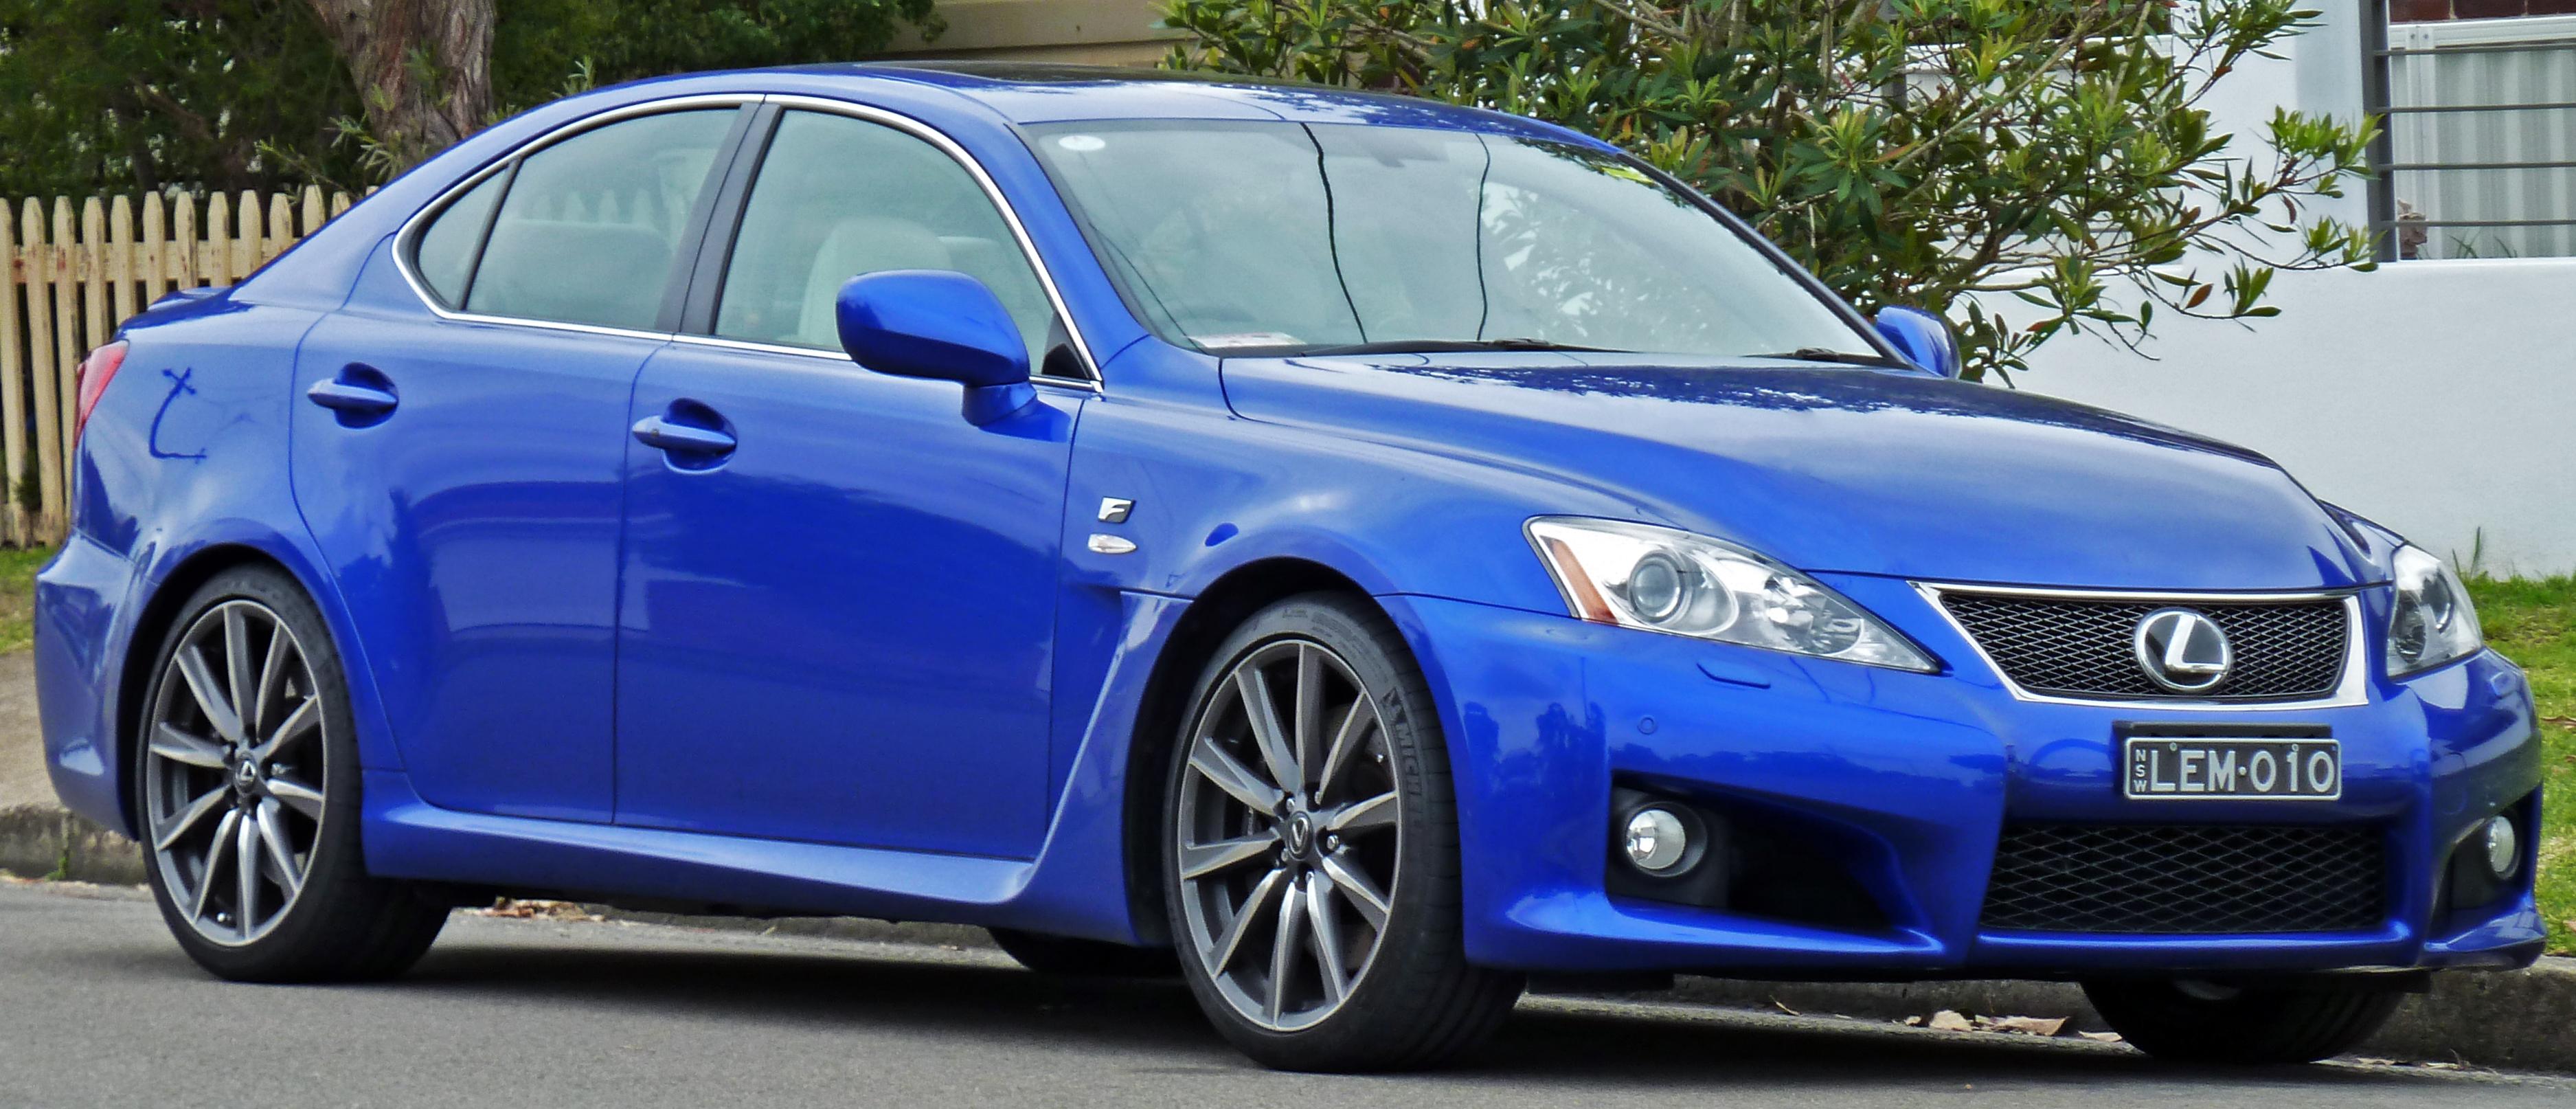 File:2008 2010 Lexus IS F (USE20R) Sports Luxury Sedan 01.